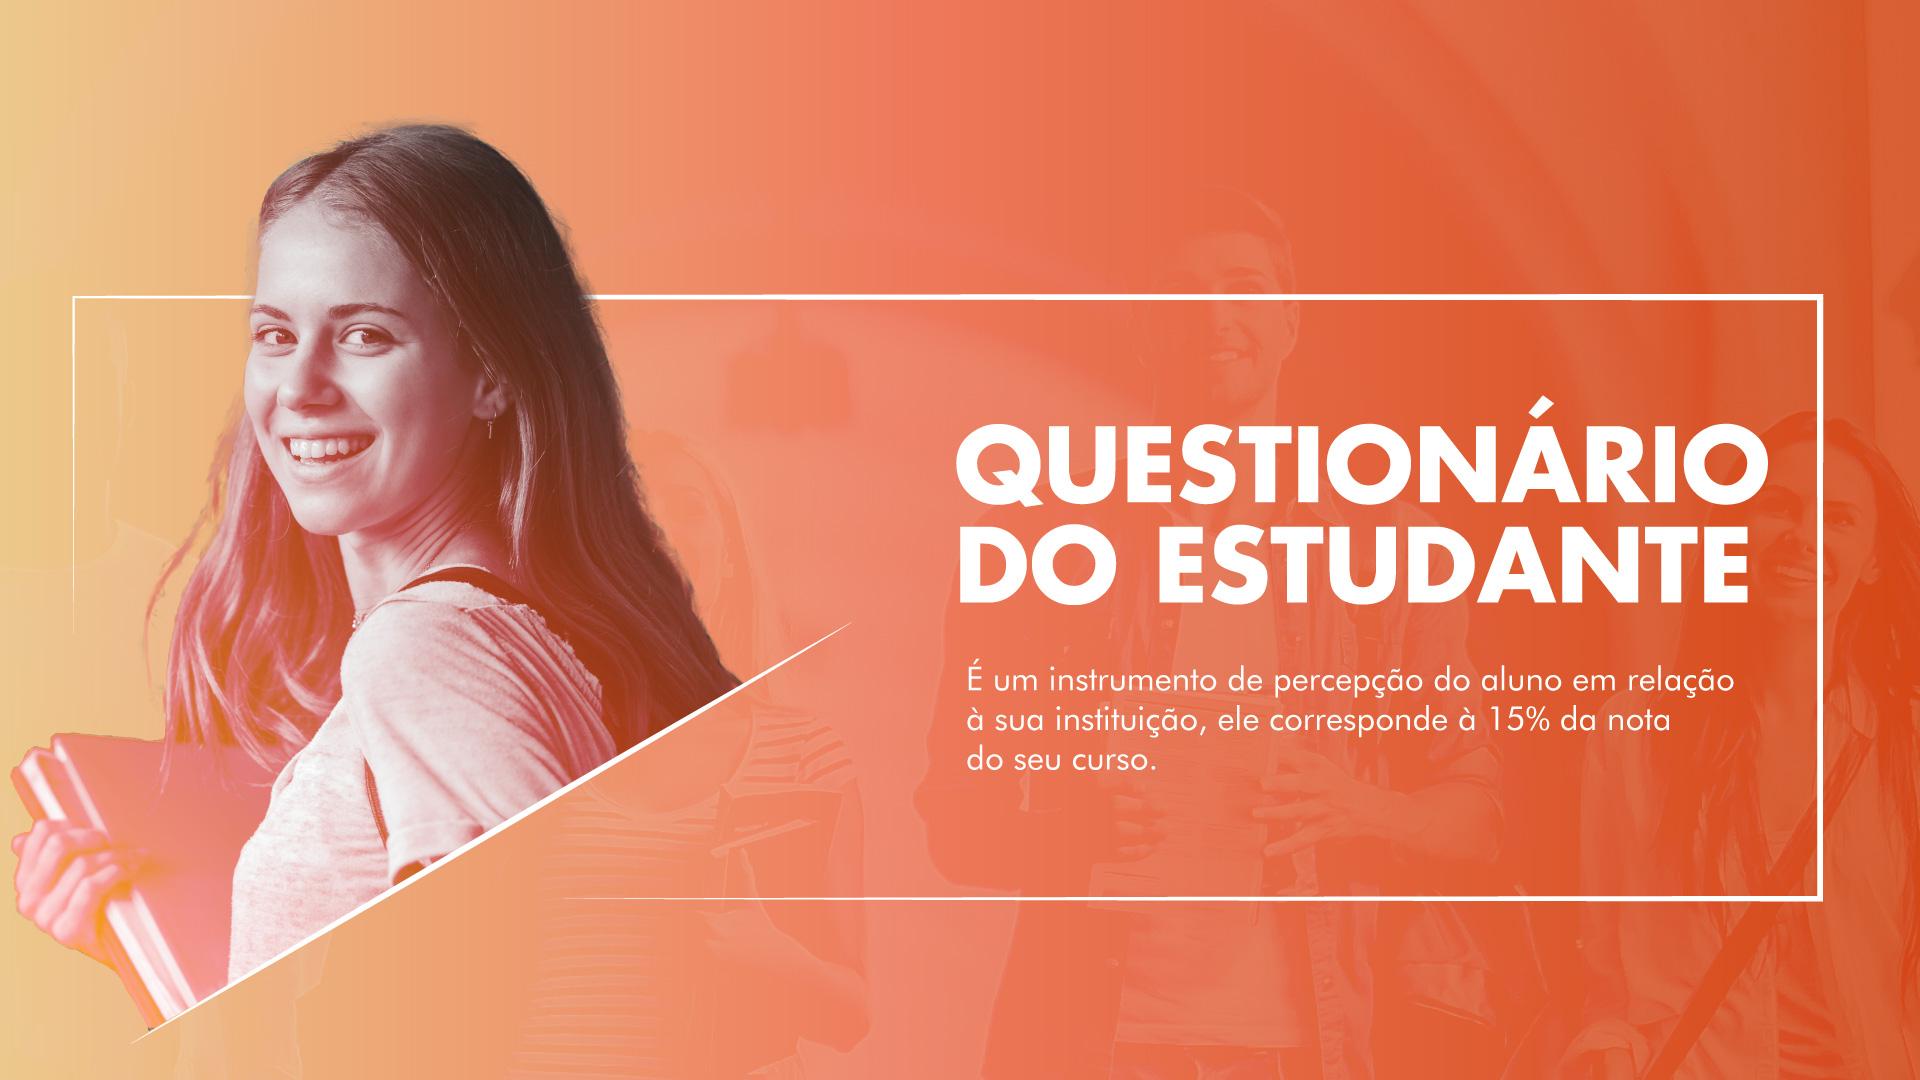 ENADE 2021 – Questionário do estudante